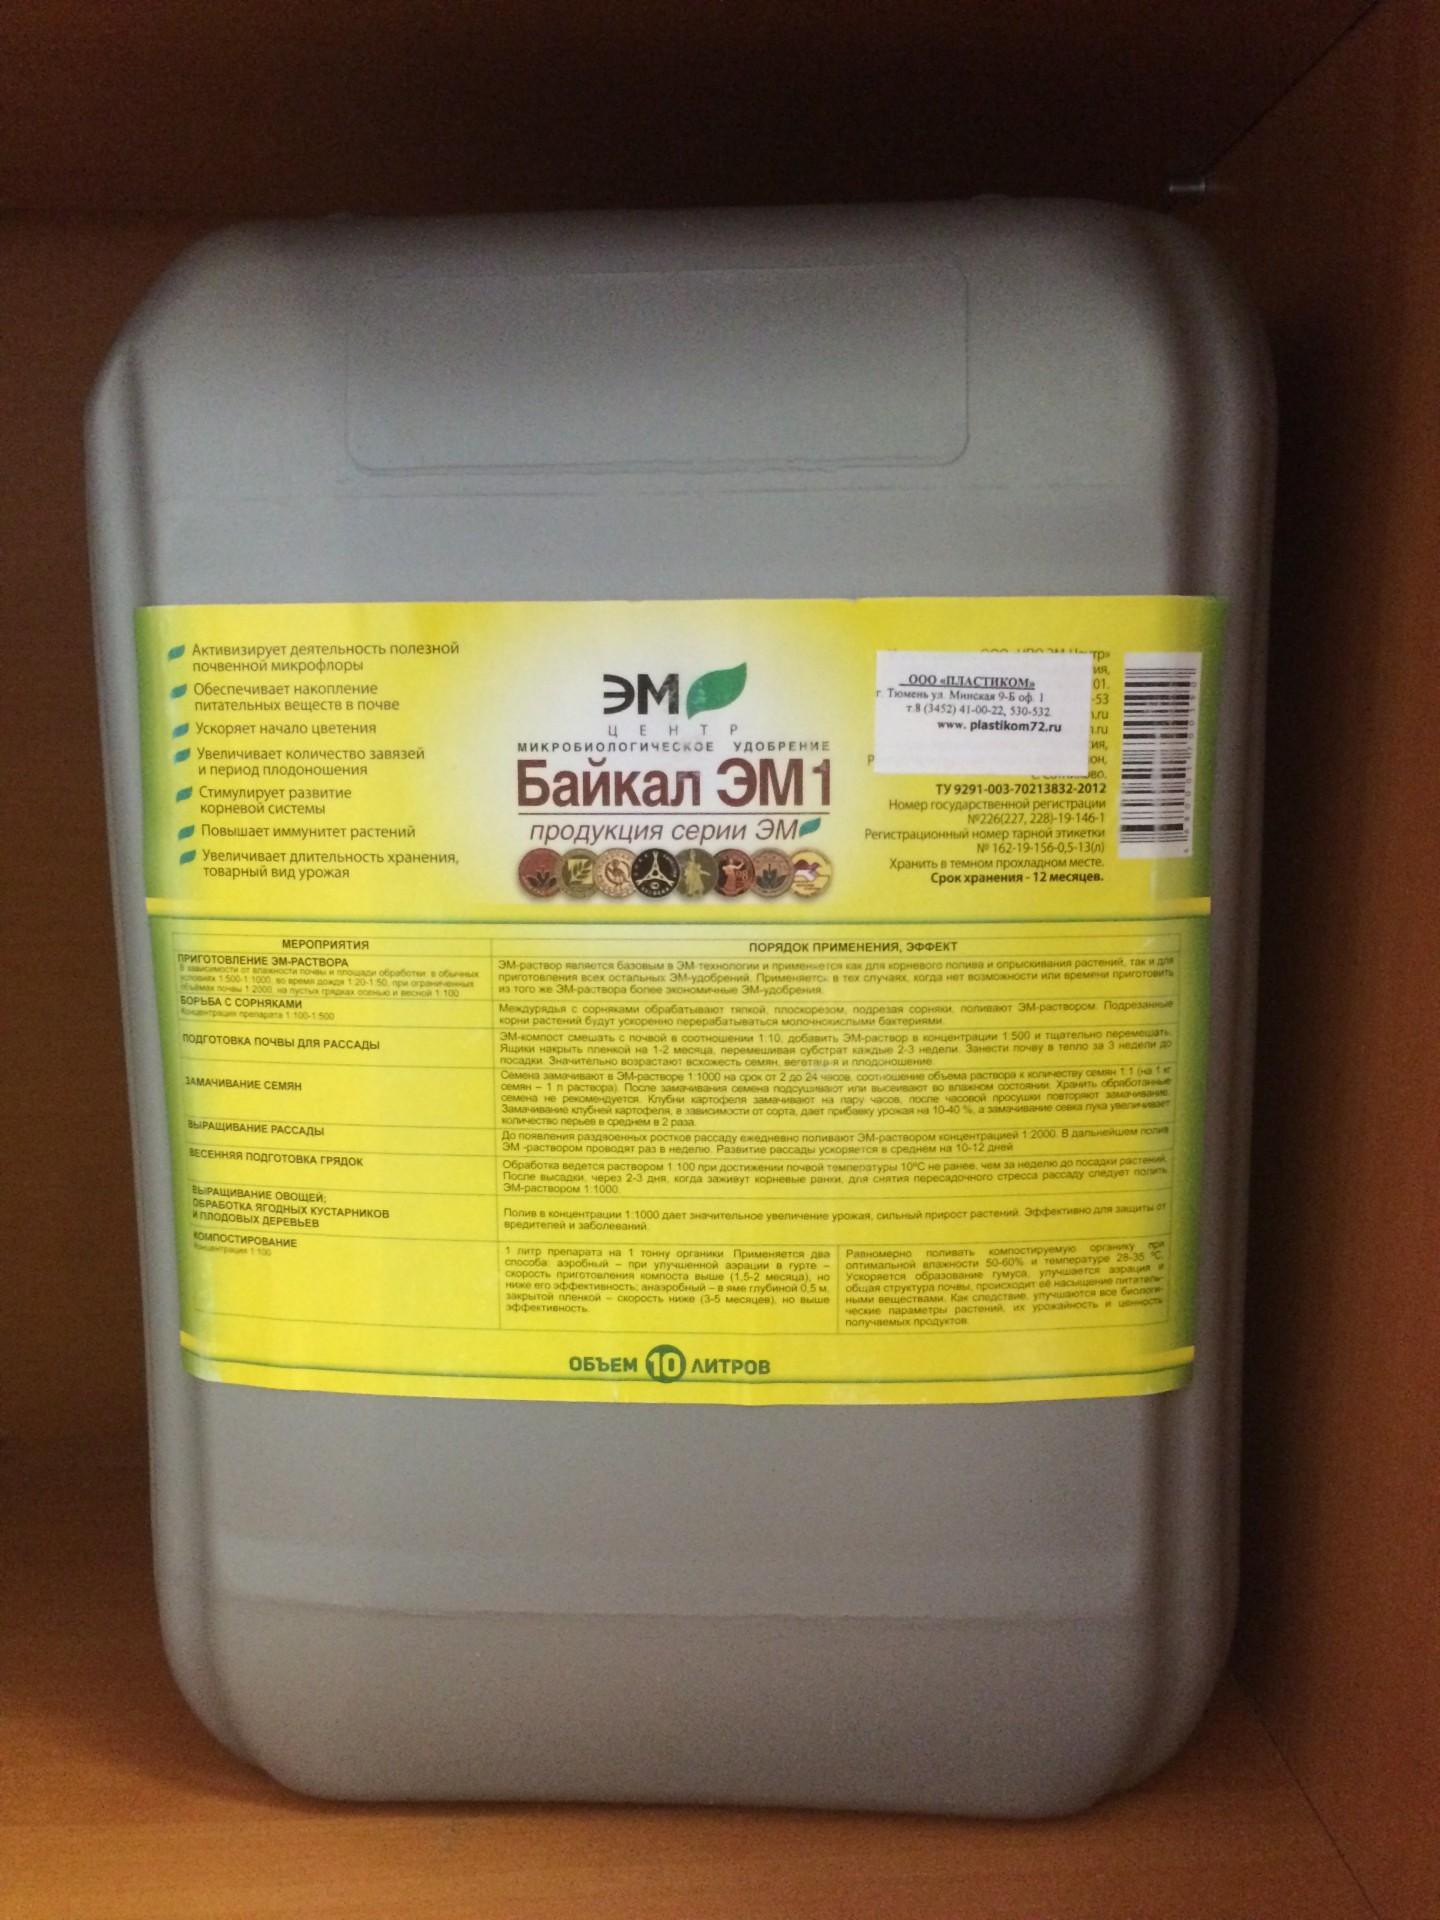 Байкал эм1 — микробиологическое удобрение, применение